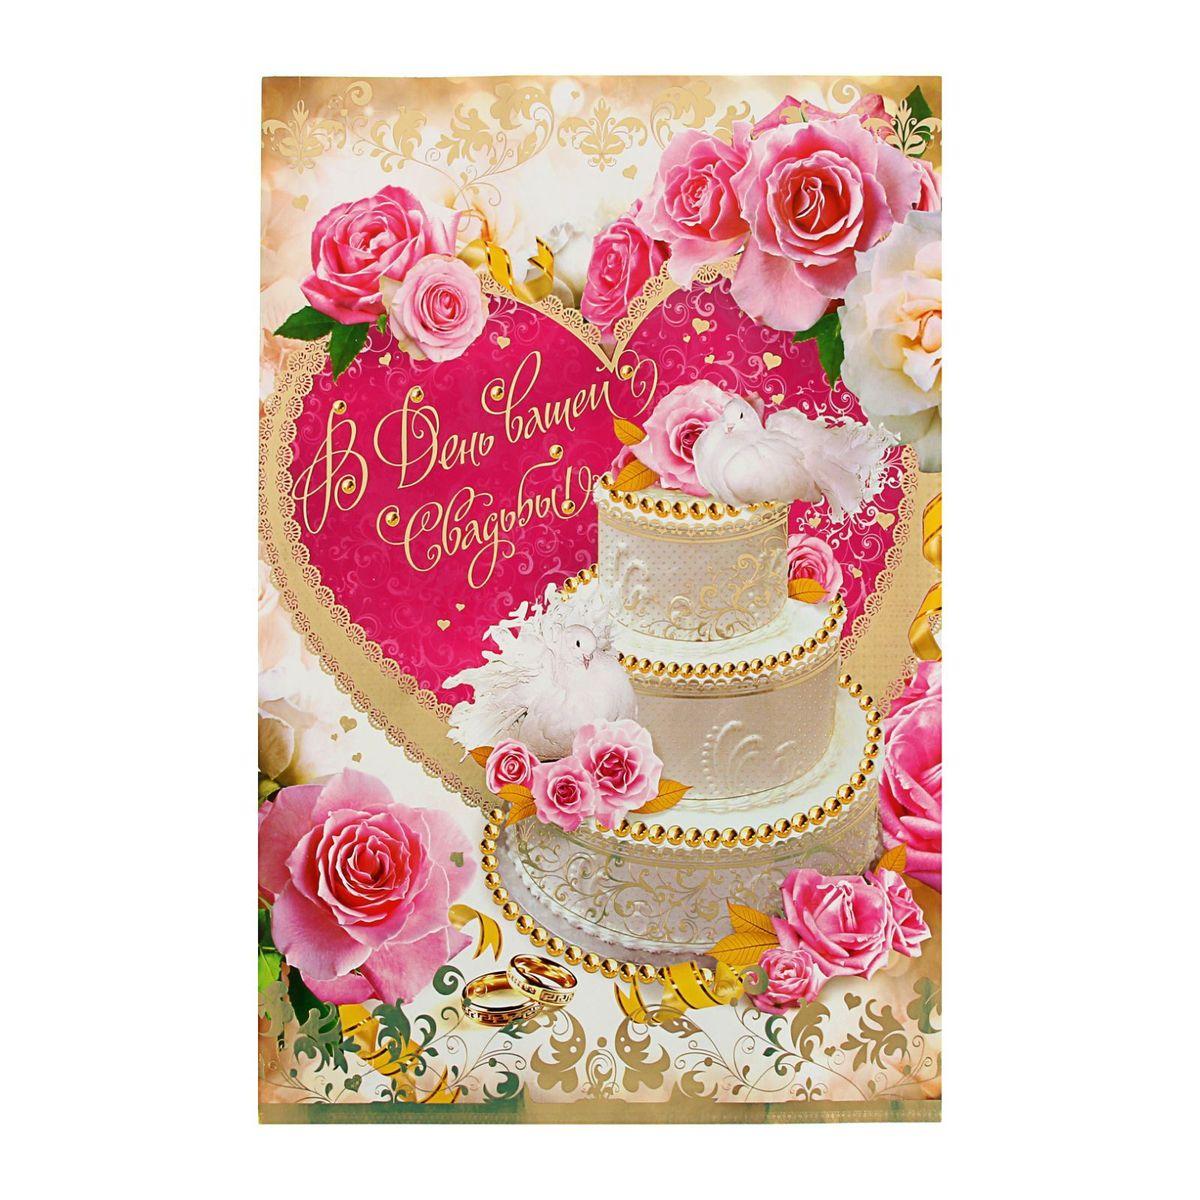 Эдельвейс Открытка С днем вашей свадьбы торт и голубьRG-D31SЕсли вы хотите порадовать себя или близких, создать праздничное настроение и с улыбкой провести памятный день, то вы, несомненно, сделали правильный выбор! Товар Открытка отличается не только оригинальным дизайном, но и высоким качеством.